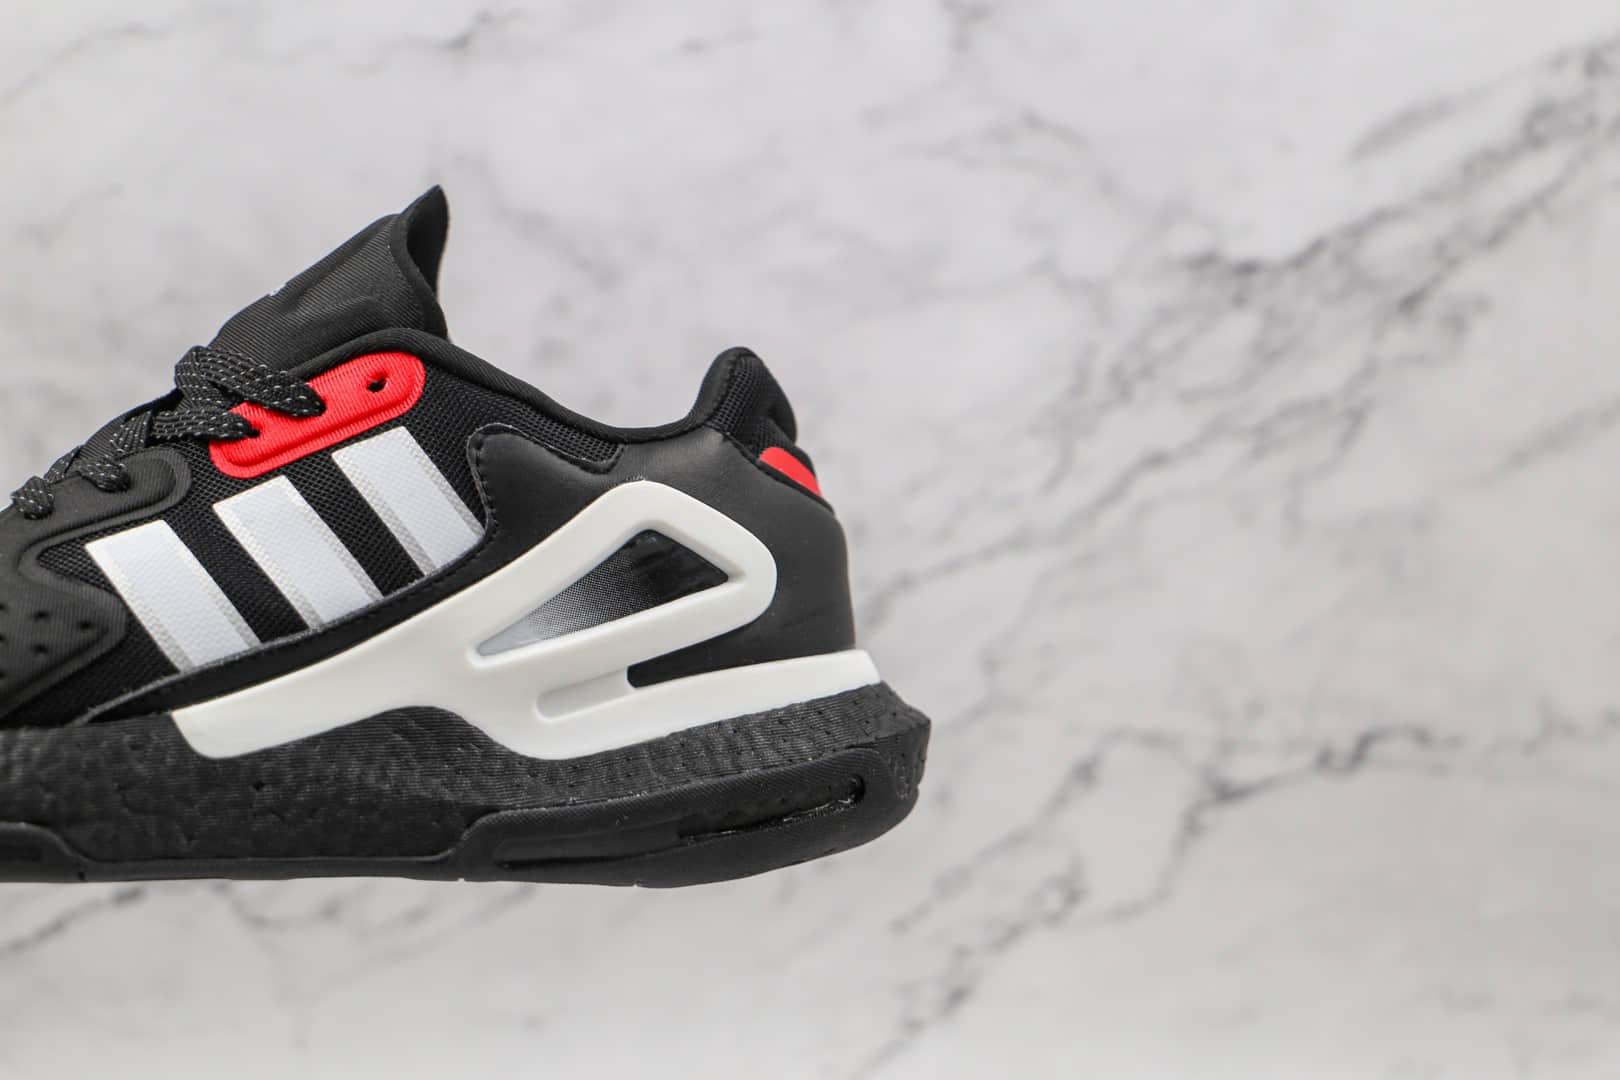 阿迪达斯Adidas Day Jogger 2020 Boost纯原版本夜行者二代黑白红色陈奕迅同款爆米花跑鞋原鞋开模一比一打造 货号:GZ2717